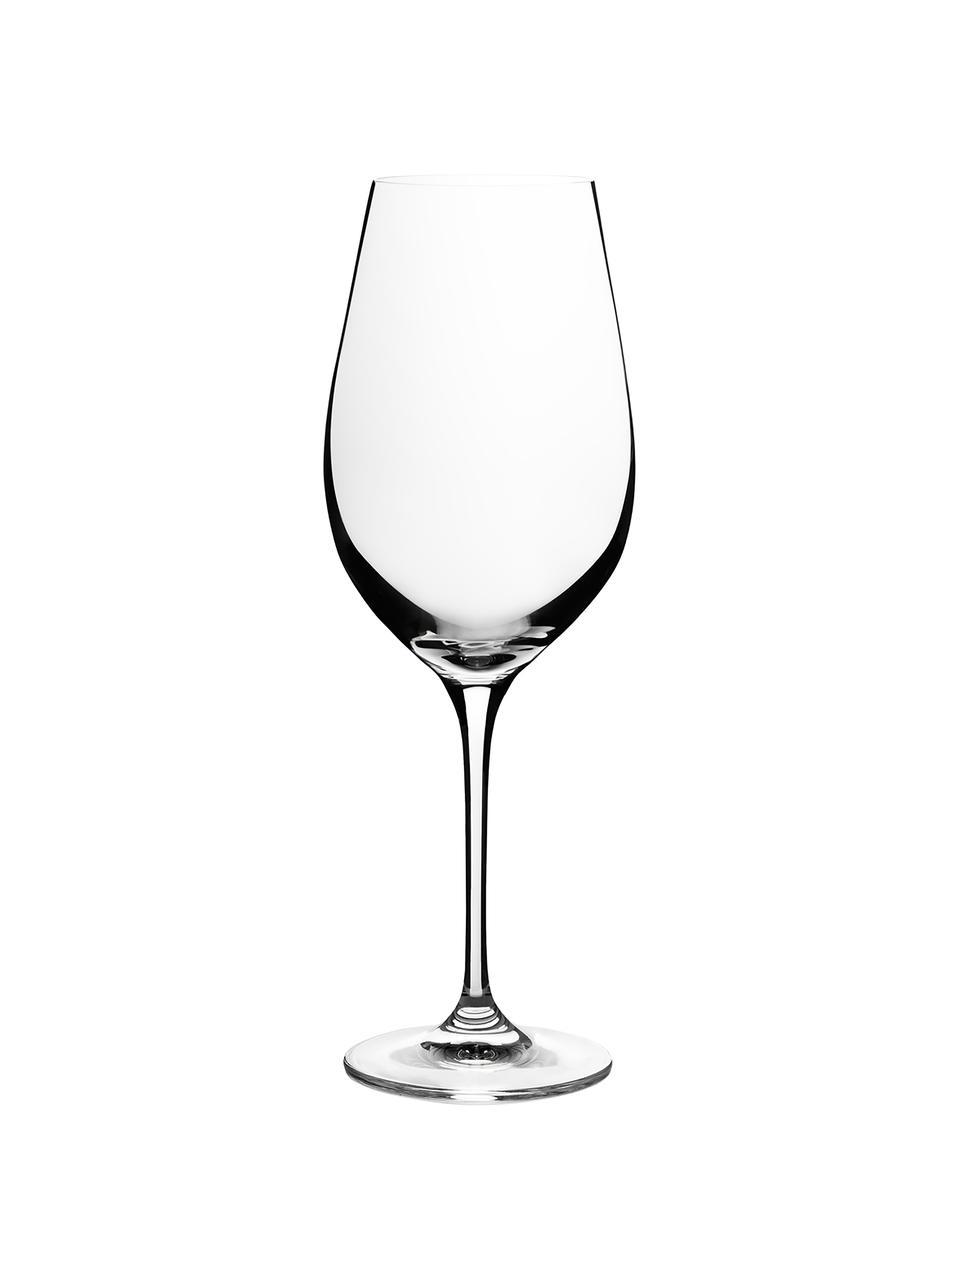 Kristall-Rotweingläser Harmony, 6 Stück, Edelster Glanz – das Kristallglas bricht einfallendes Licht besonders stark. So entsteht ein märchenhaftes Funkeln, das jede Weinverkostung zu einem ganz besonderen Erlebnis macht., Transparent, Ø 8 x H 24 cm